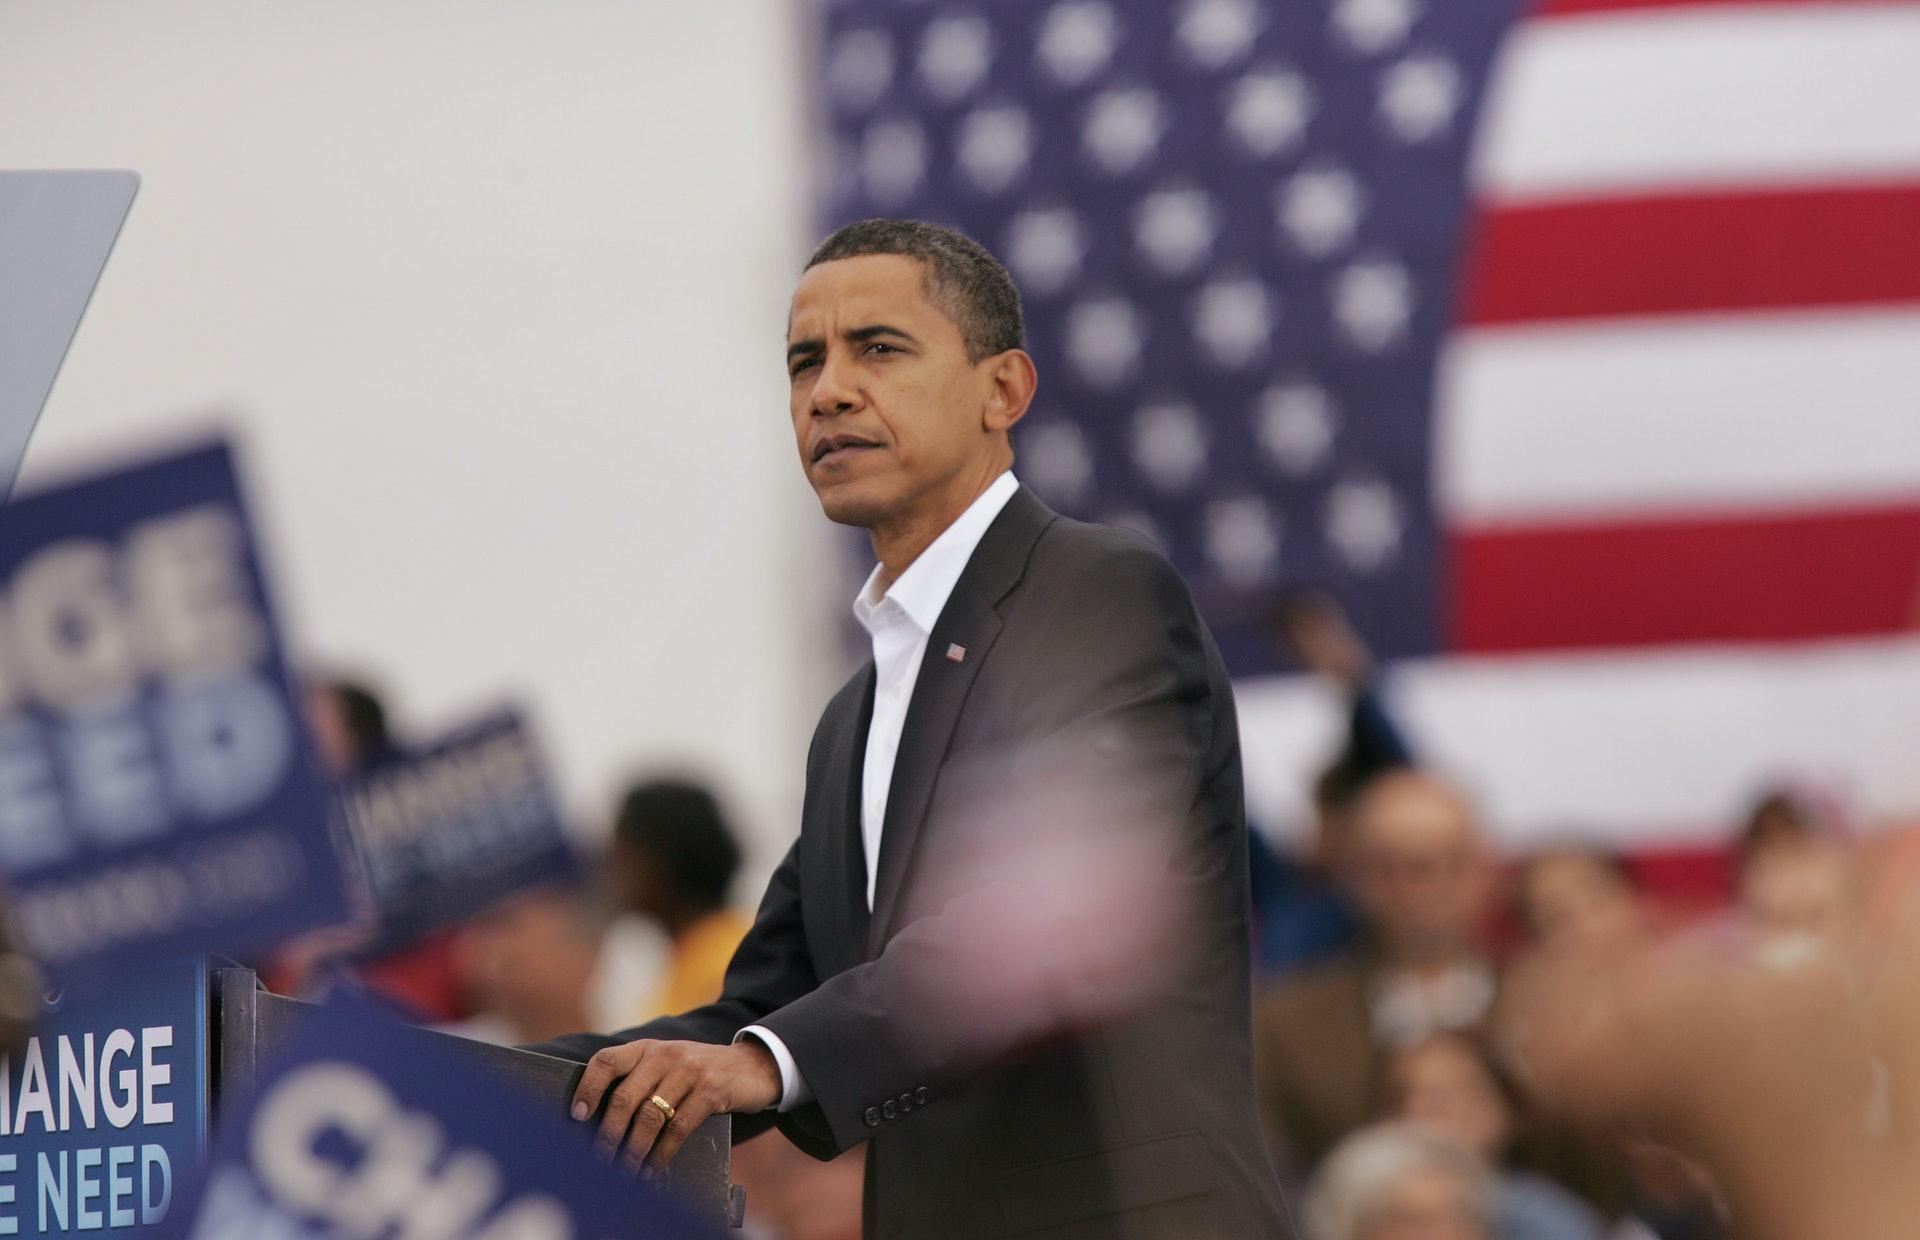 当年印州选民更倾向给予奥巴马机会。(Getty Images)